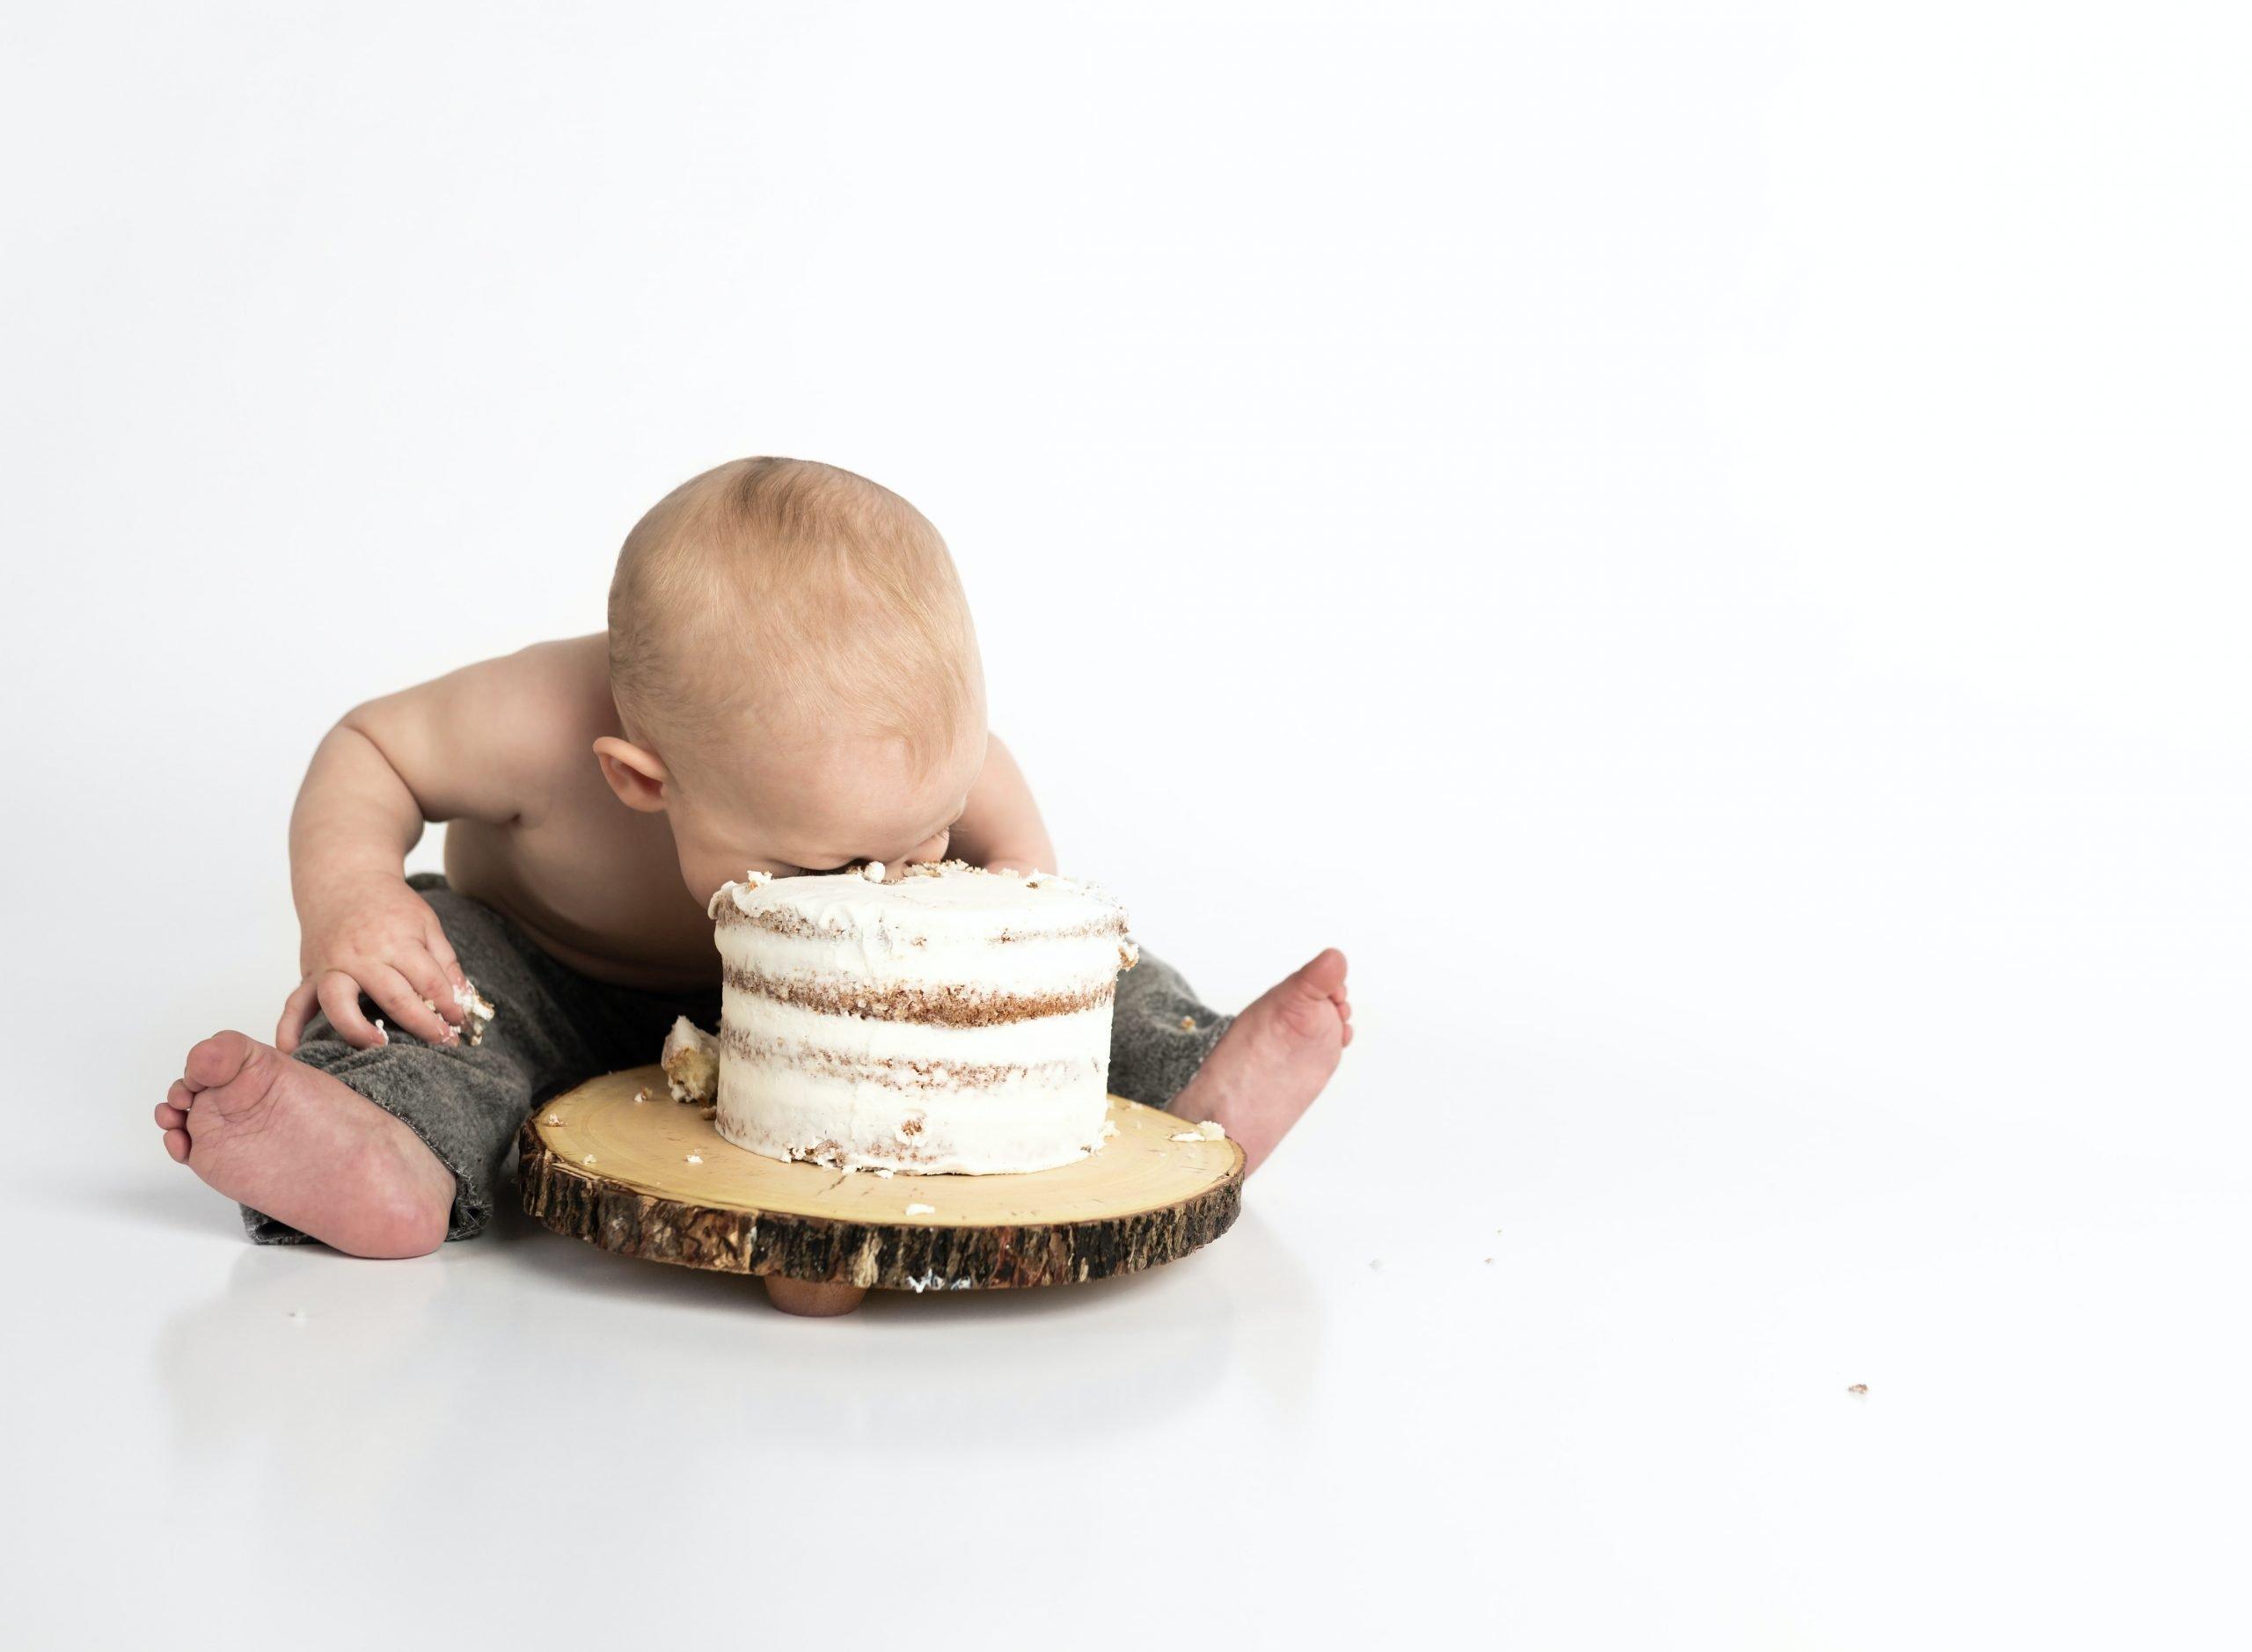 Enfant la tête dans un gâteau